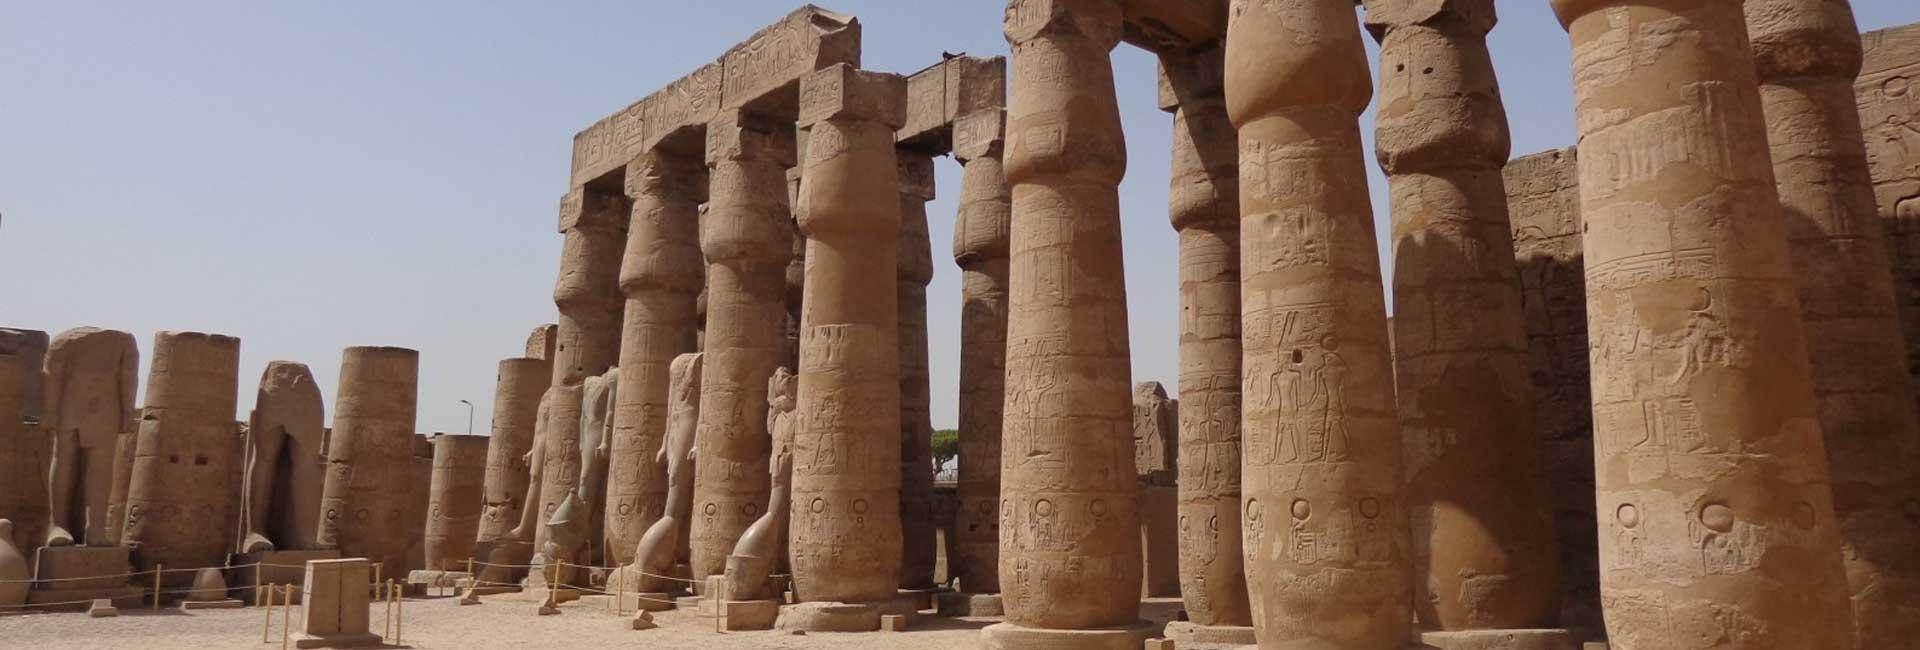 Temples Of Dandara